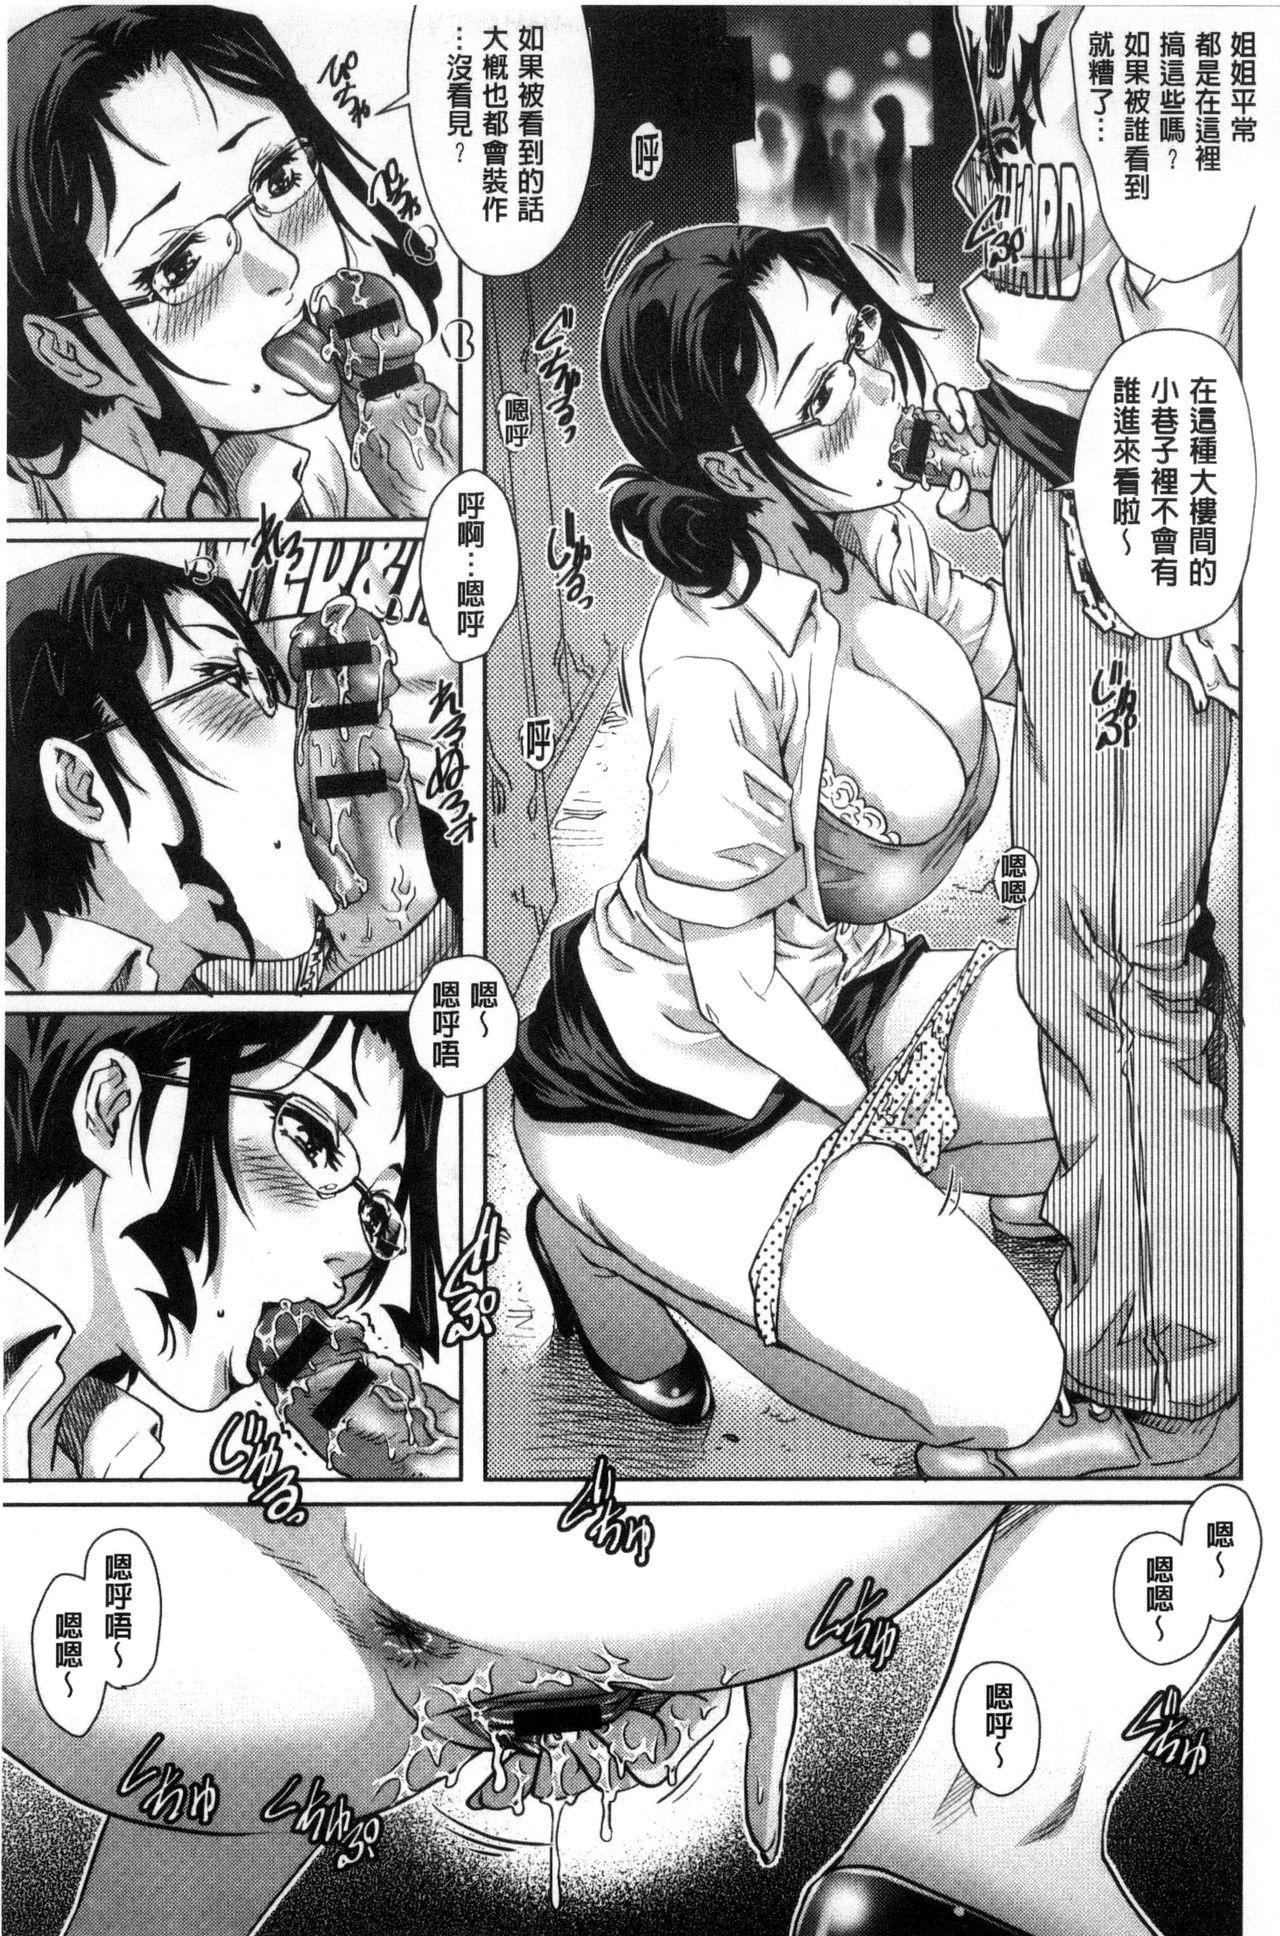 Megami-tachi no Complex | 女神們的COMPLEXES 83